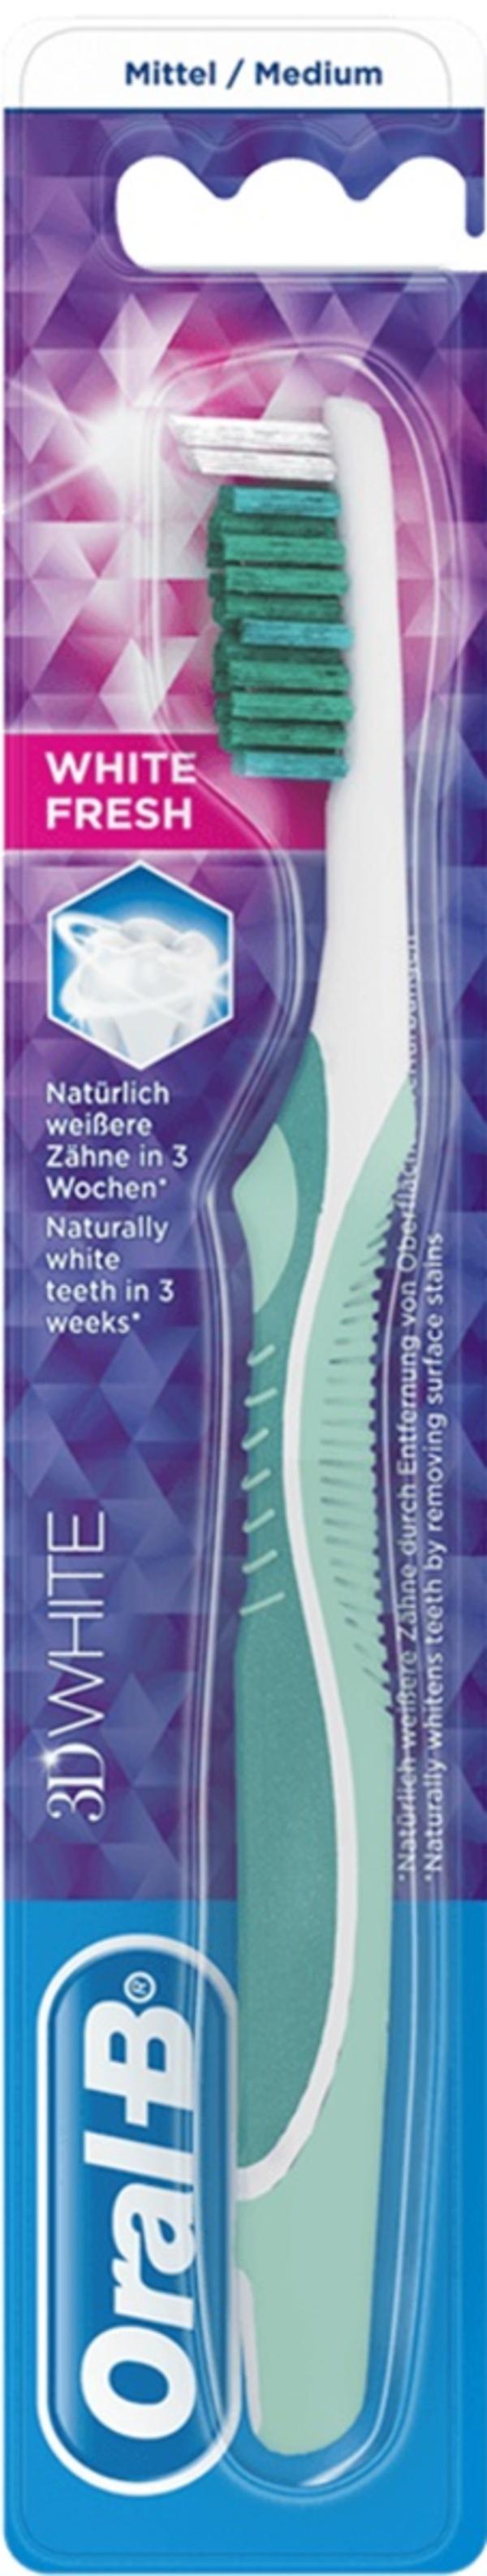 Oral-B Zahnbürste 3D White mittel 1 Stück